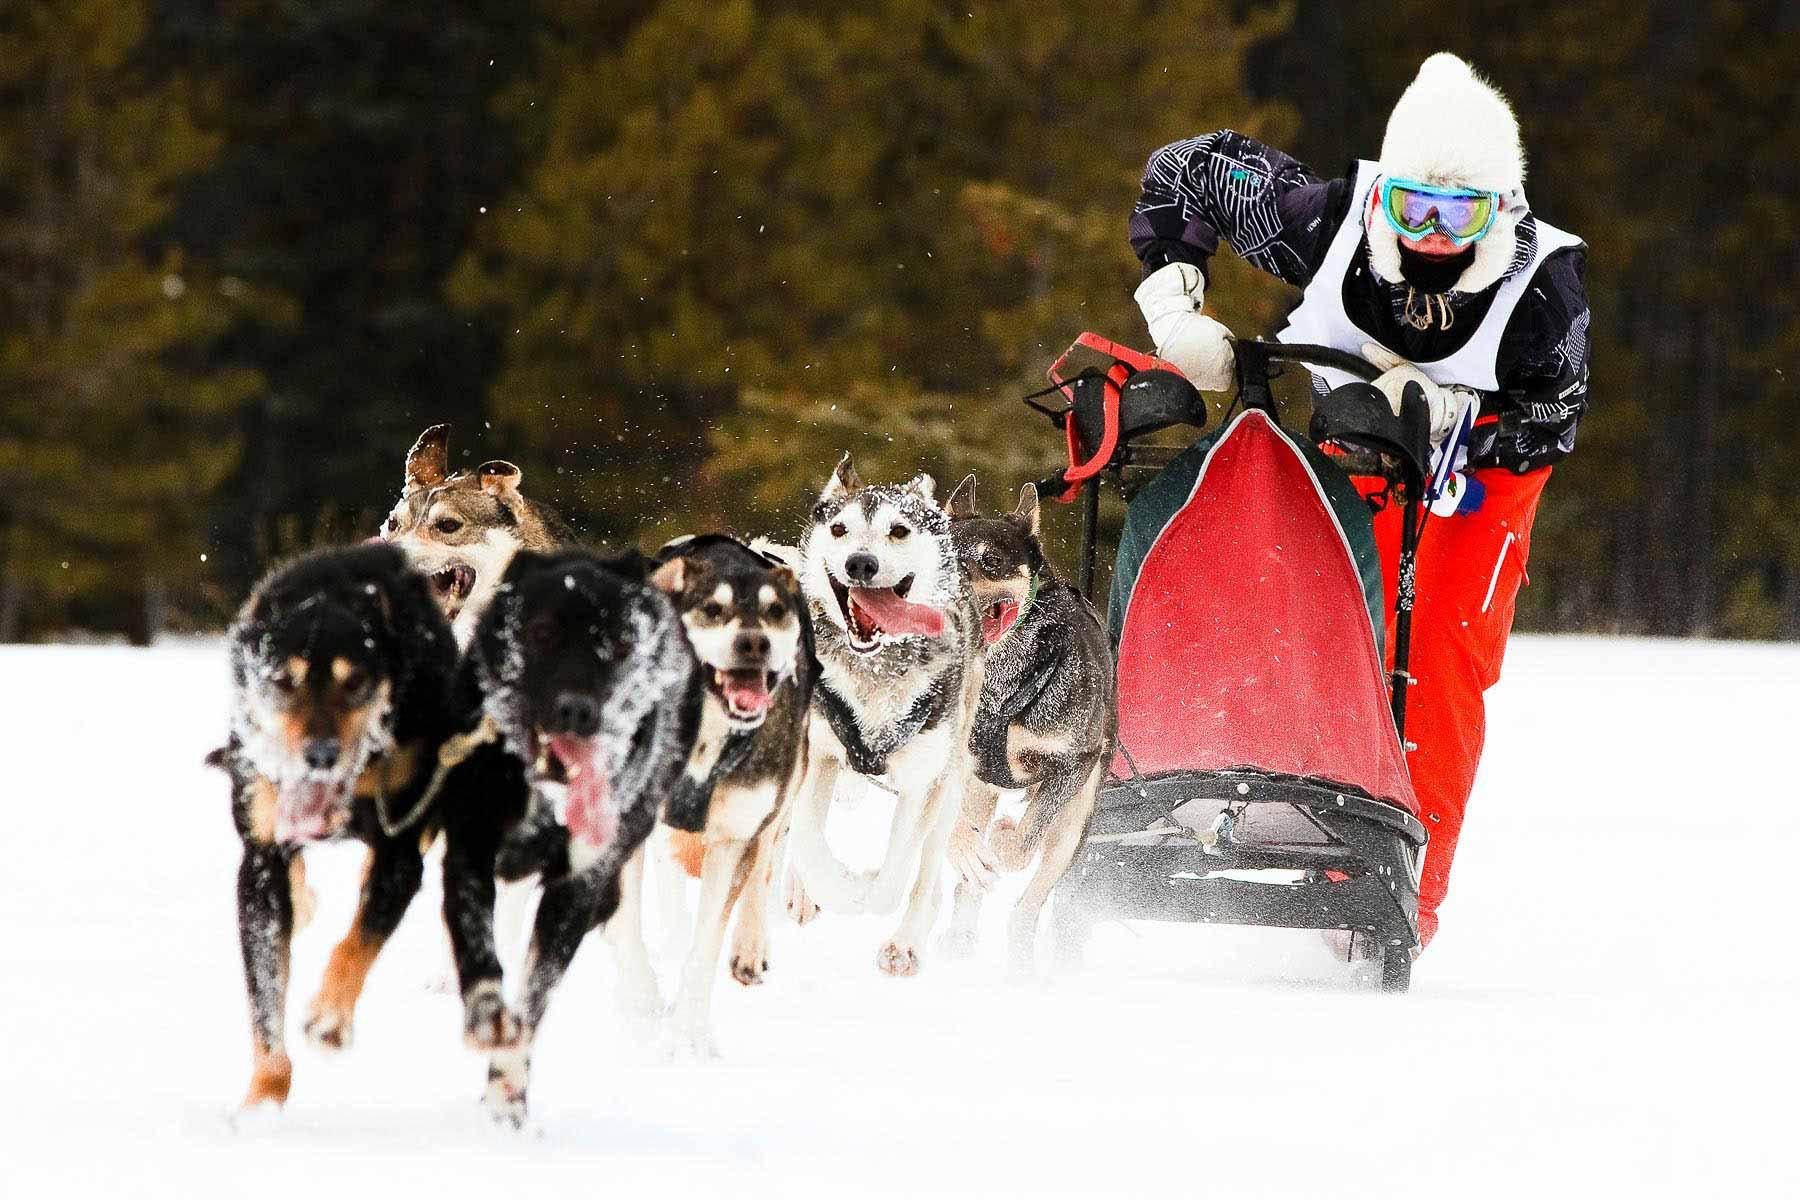 084-105-2012-ArcticWinterGames-0307-07942.jpg